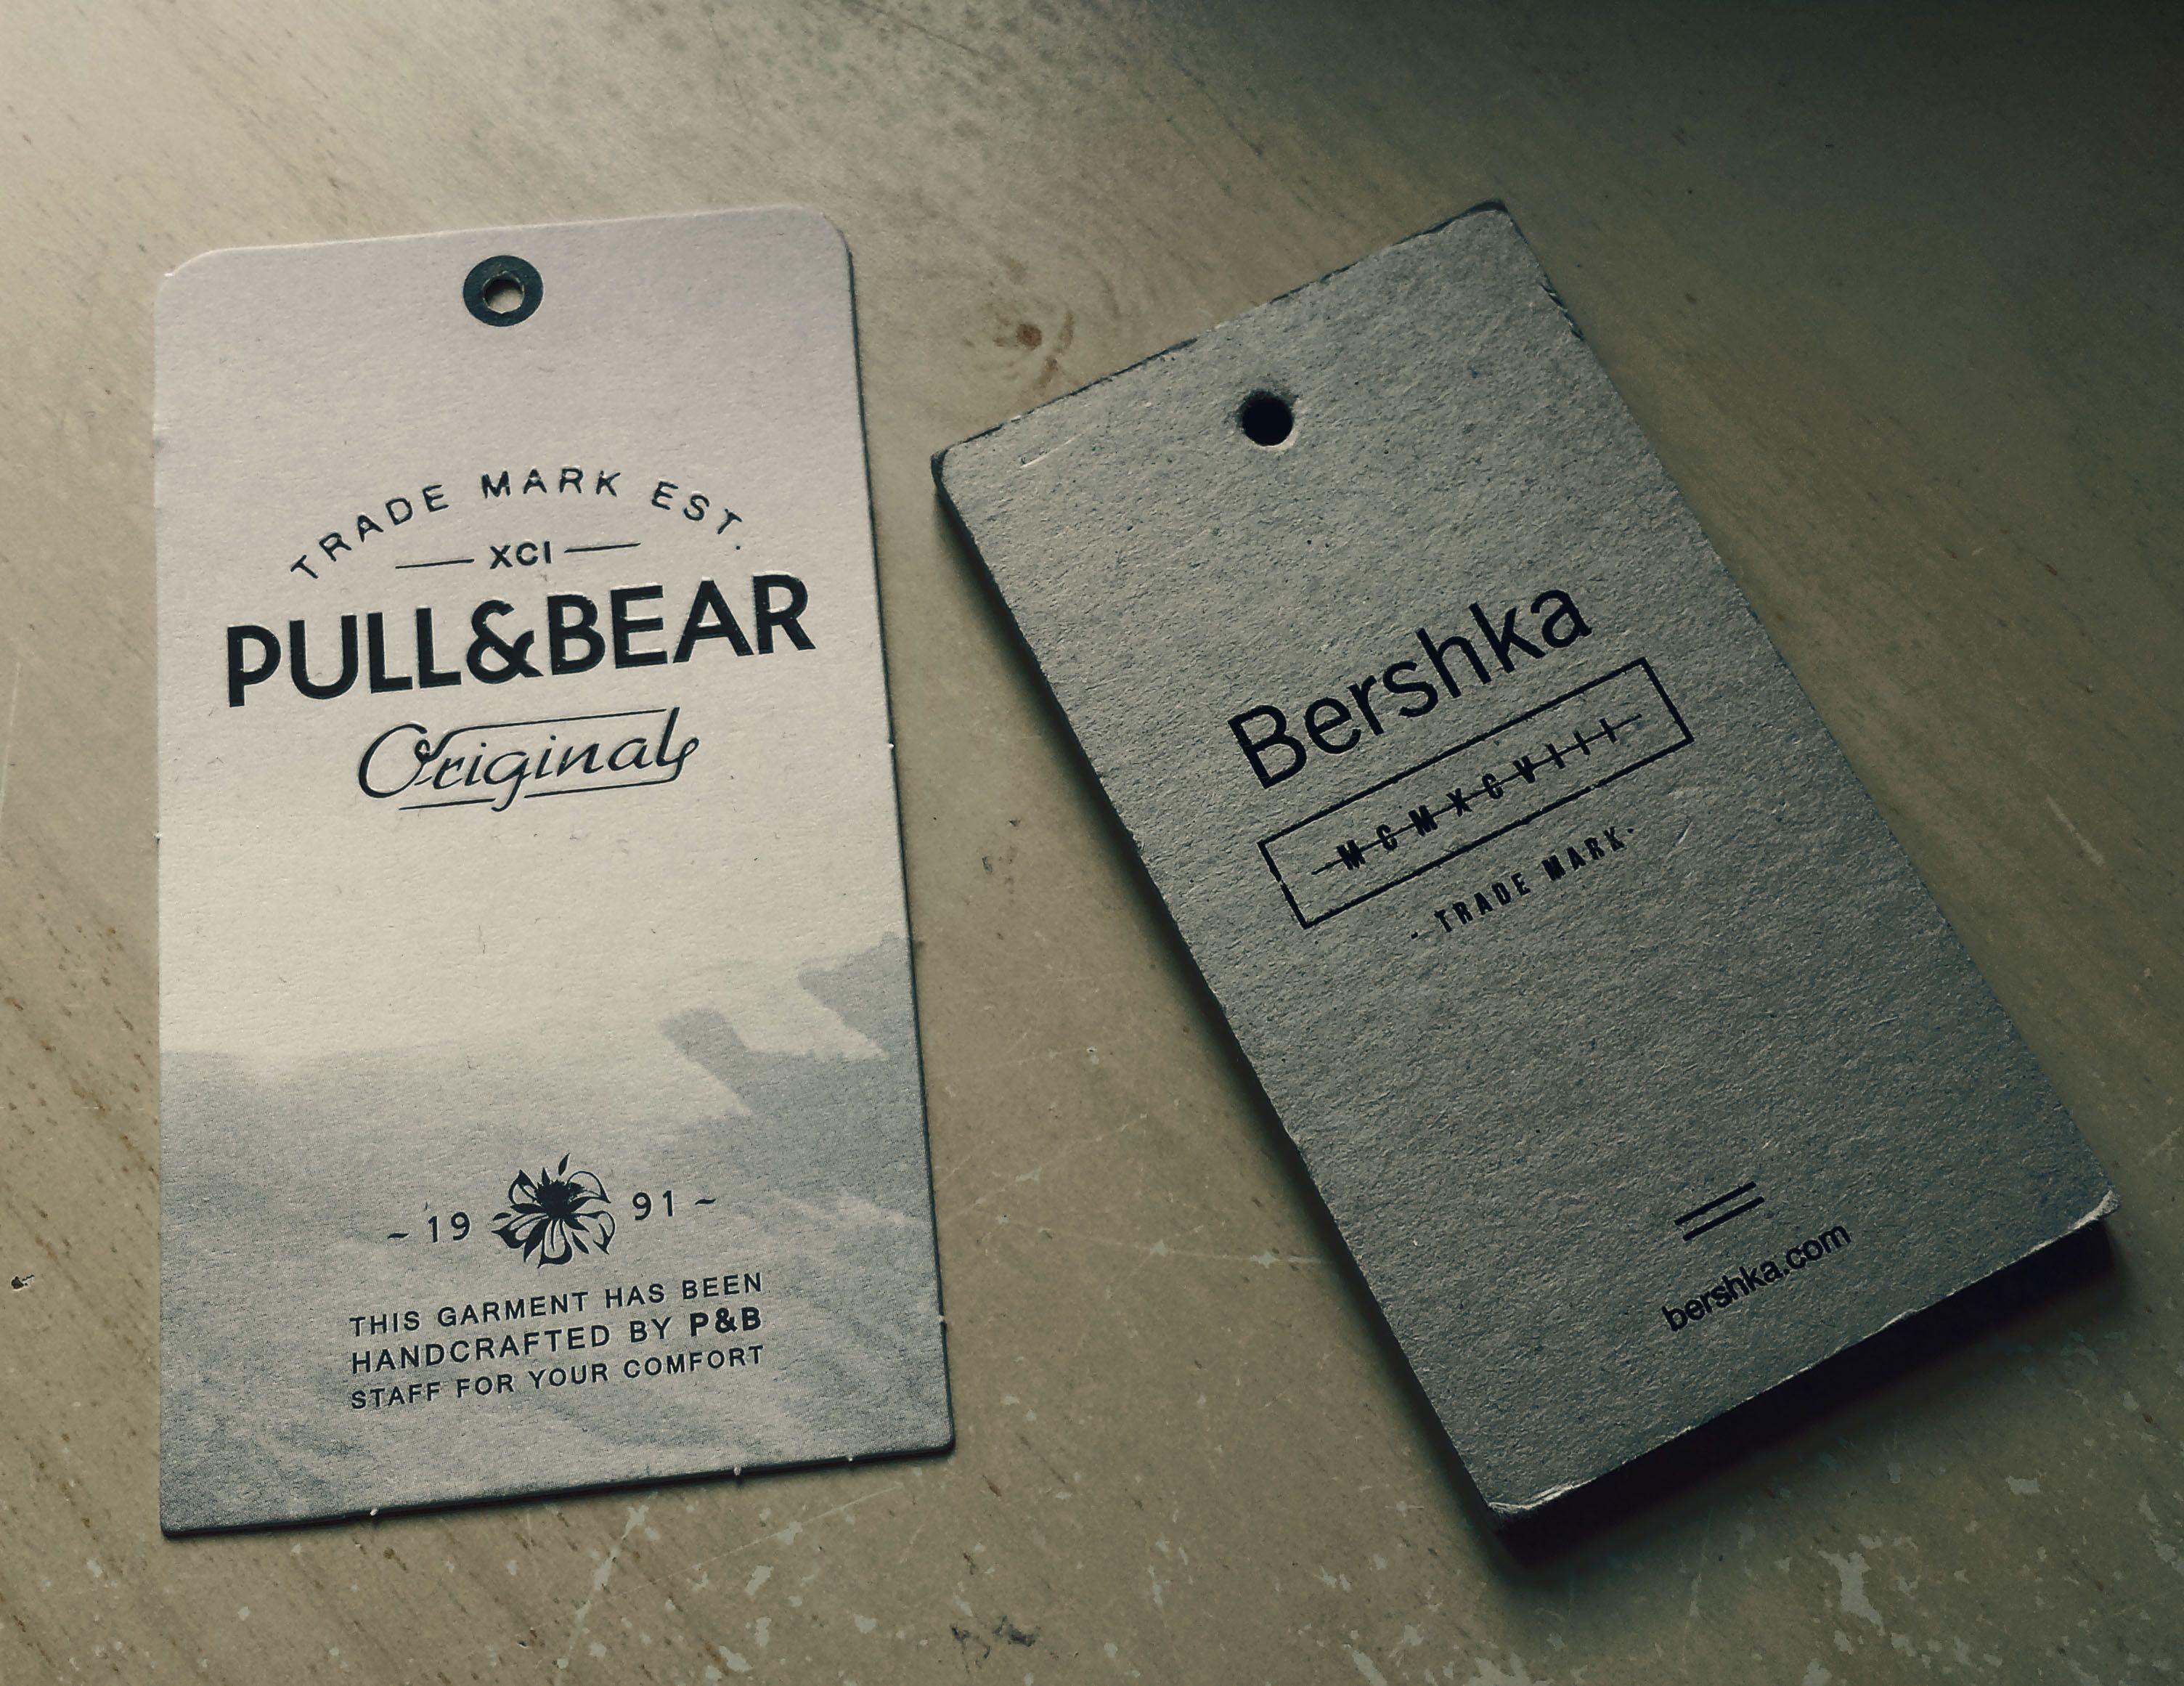 Pull Bear And Bershka Hangtag Desain